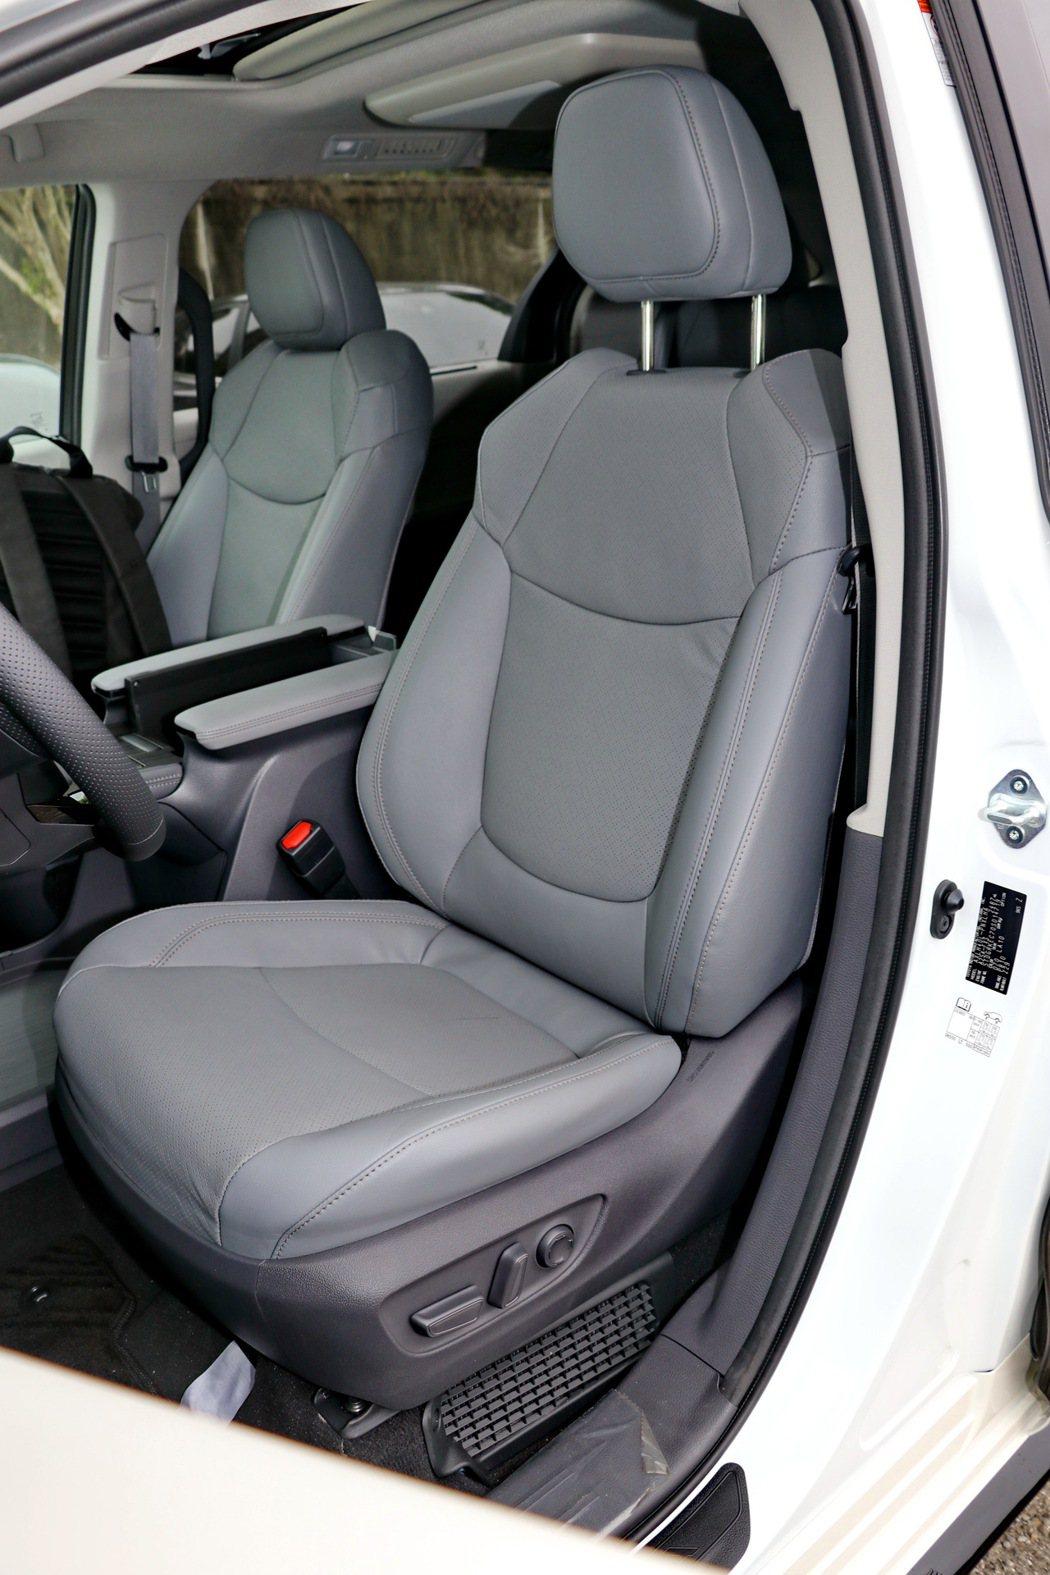 雙前座電動調整功能的真皮座椅(附加熱及通風功能)。 記者陳威任/攝影